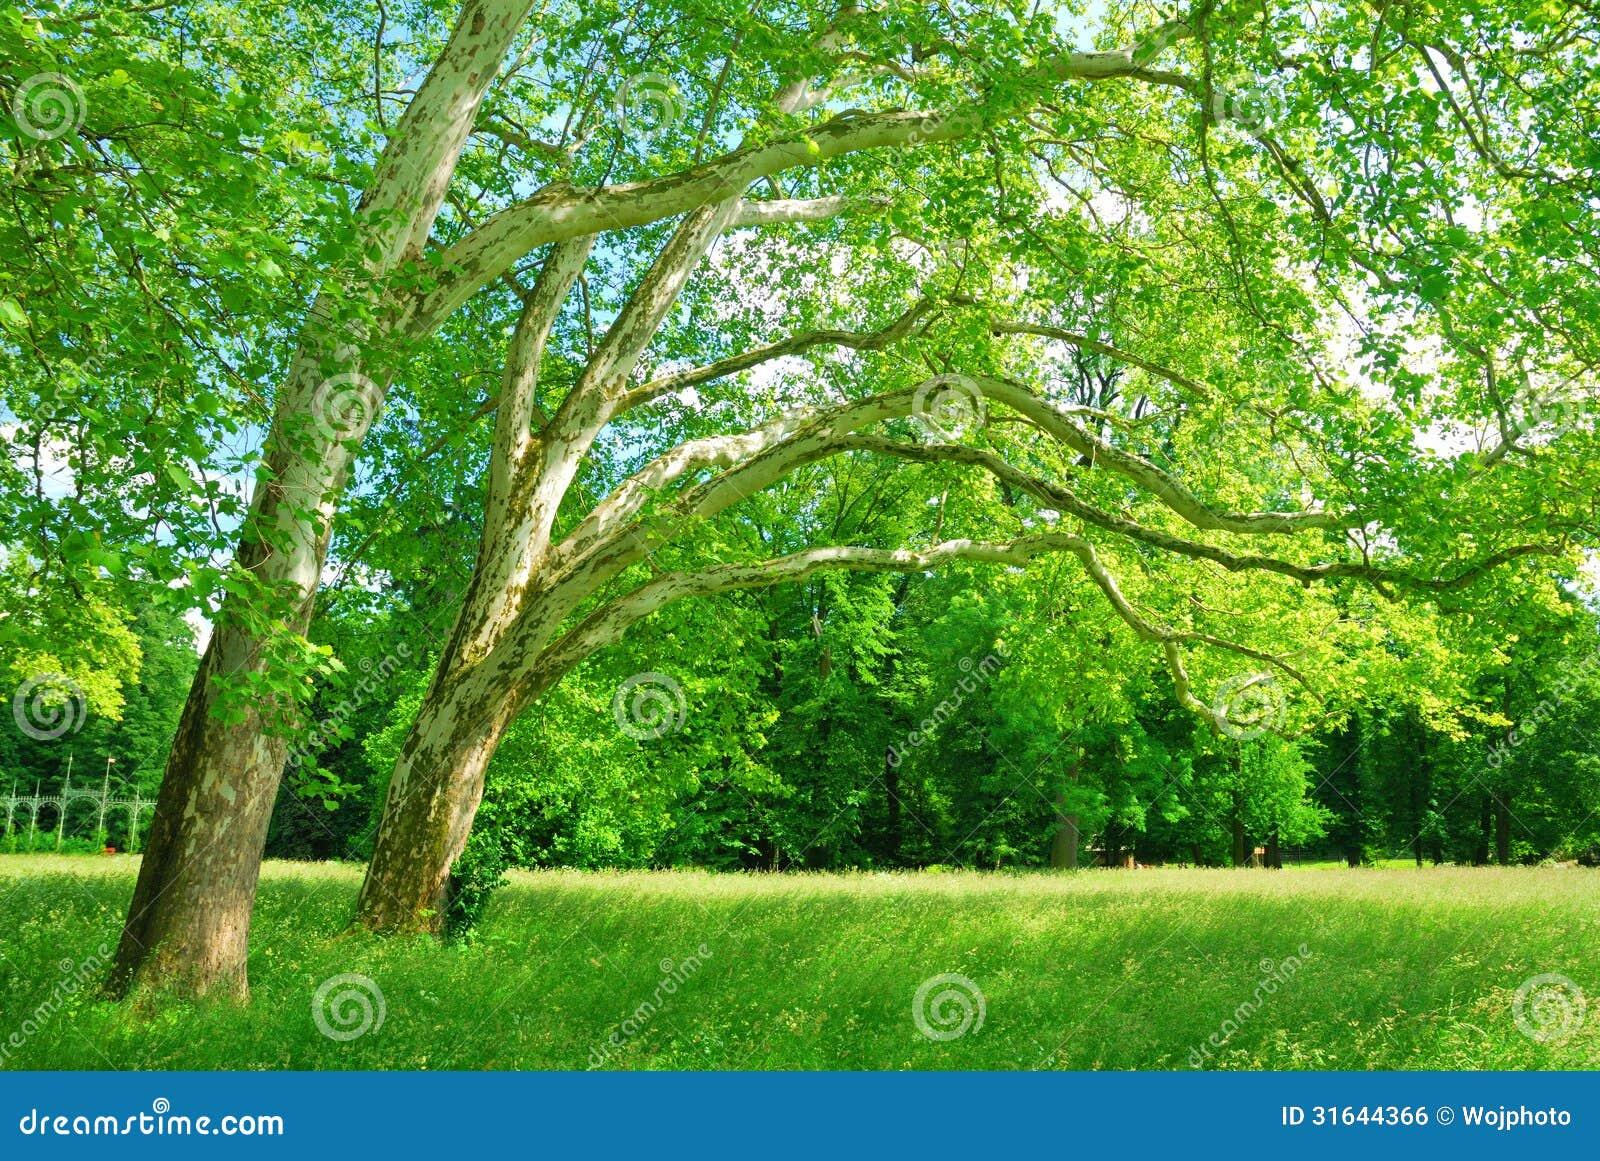 悬铃树树丛春天图片